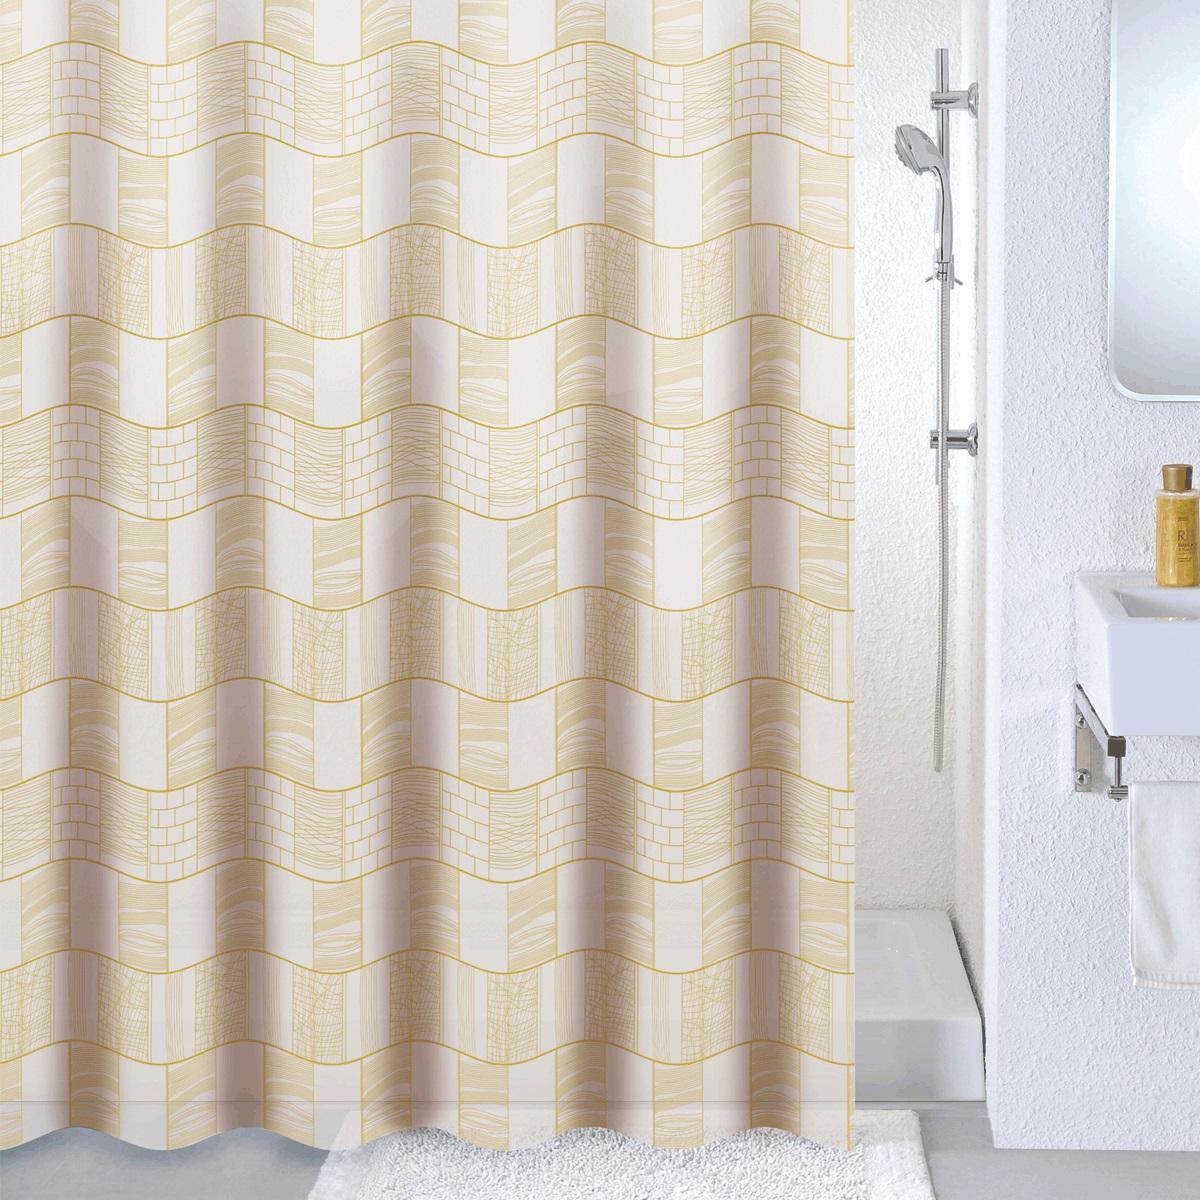 """Штора для ванной """"Milardо"""" изготовлена из Peva - водонепроницаемого, мягкого на ощупь и прочного материала. Штора идеально защищает ваннуюкомнату от брызг. В верхней кромке шторы предусмотрены металлические отверстия для колец (входят в комплект).Штора """"Milardo"""" порадует вас своим ярким дизайном и добавит уюта в ванную комнату. Количество колец: 12 шт."""